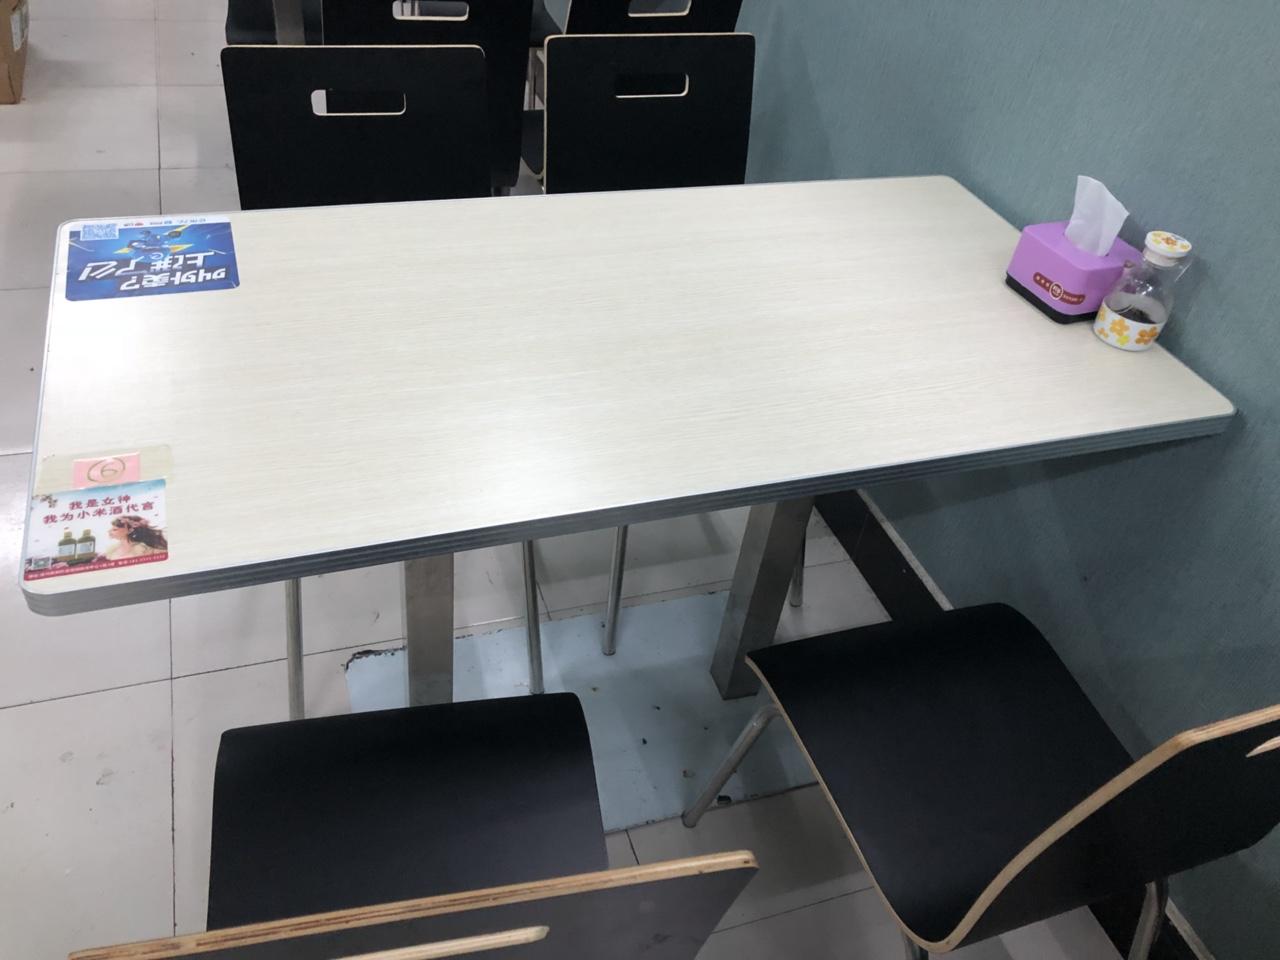 出售桌椅板凳 总共五套 300一套 才用一个月 新店转让 地址:中山门后面沿河春申君对面